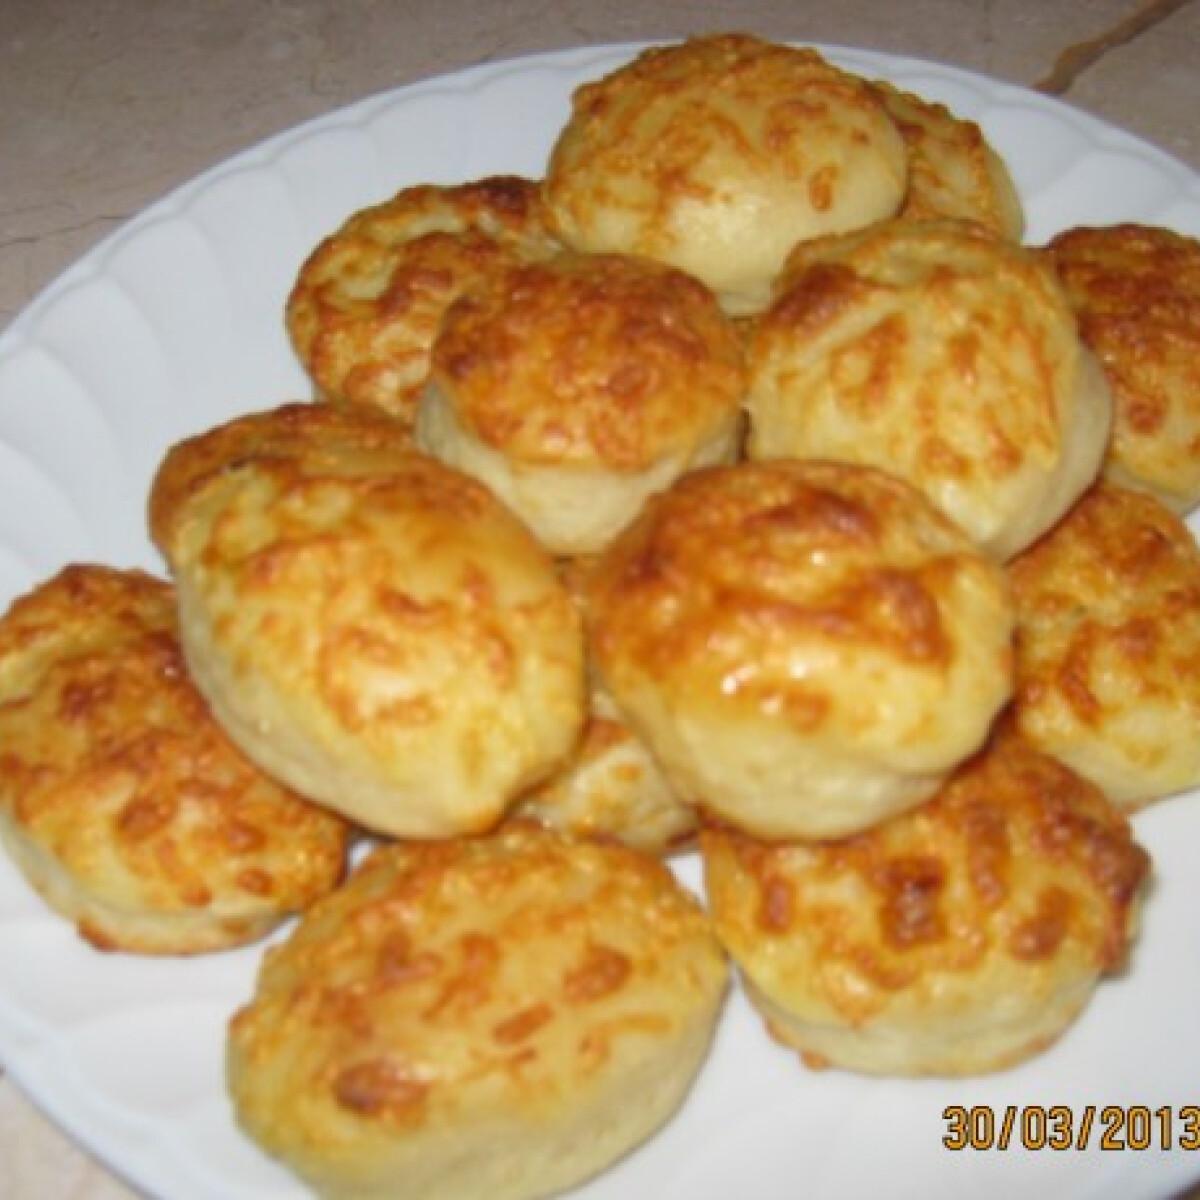 Ezen a képen: Mozzarella sajtos sós pogácsa